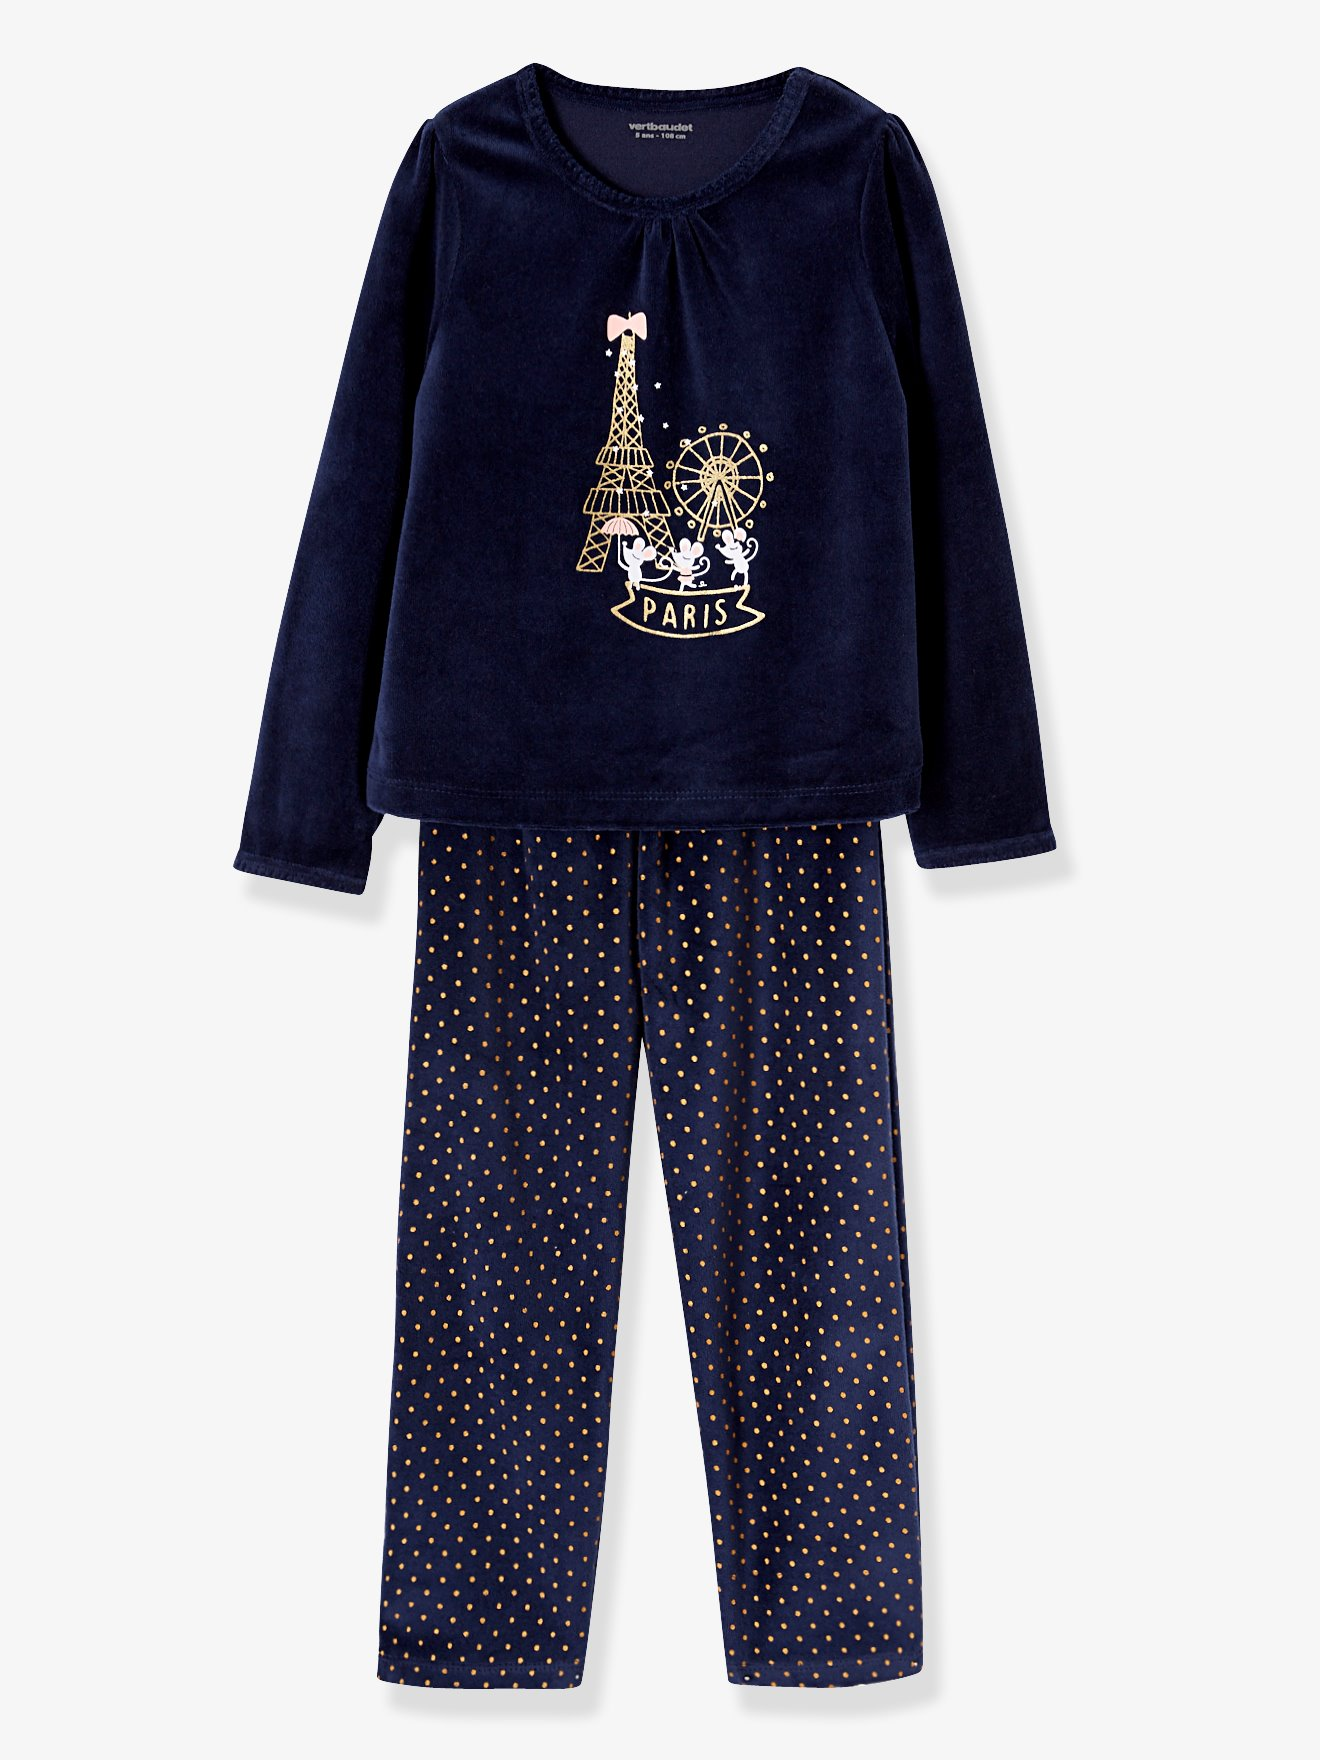 23c120e6d Pijama de terciopelo niña azul oscuro liso con motivos